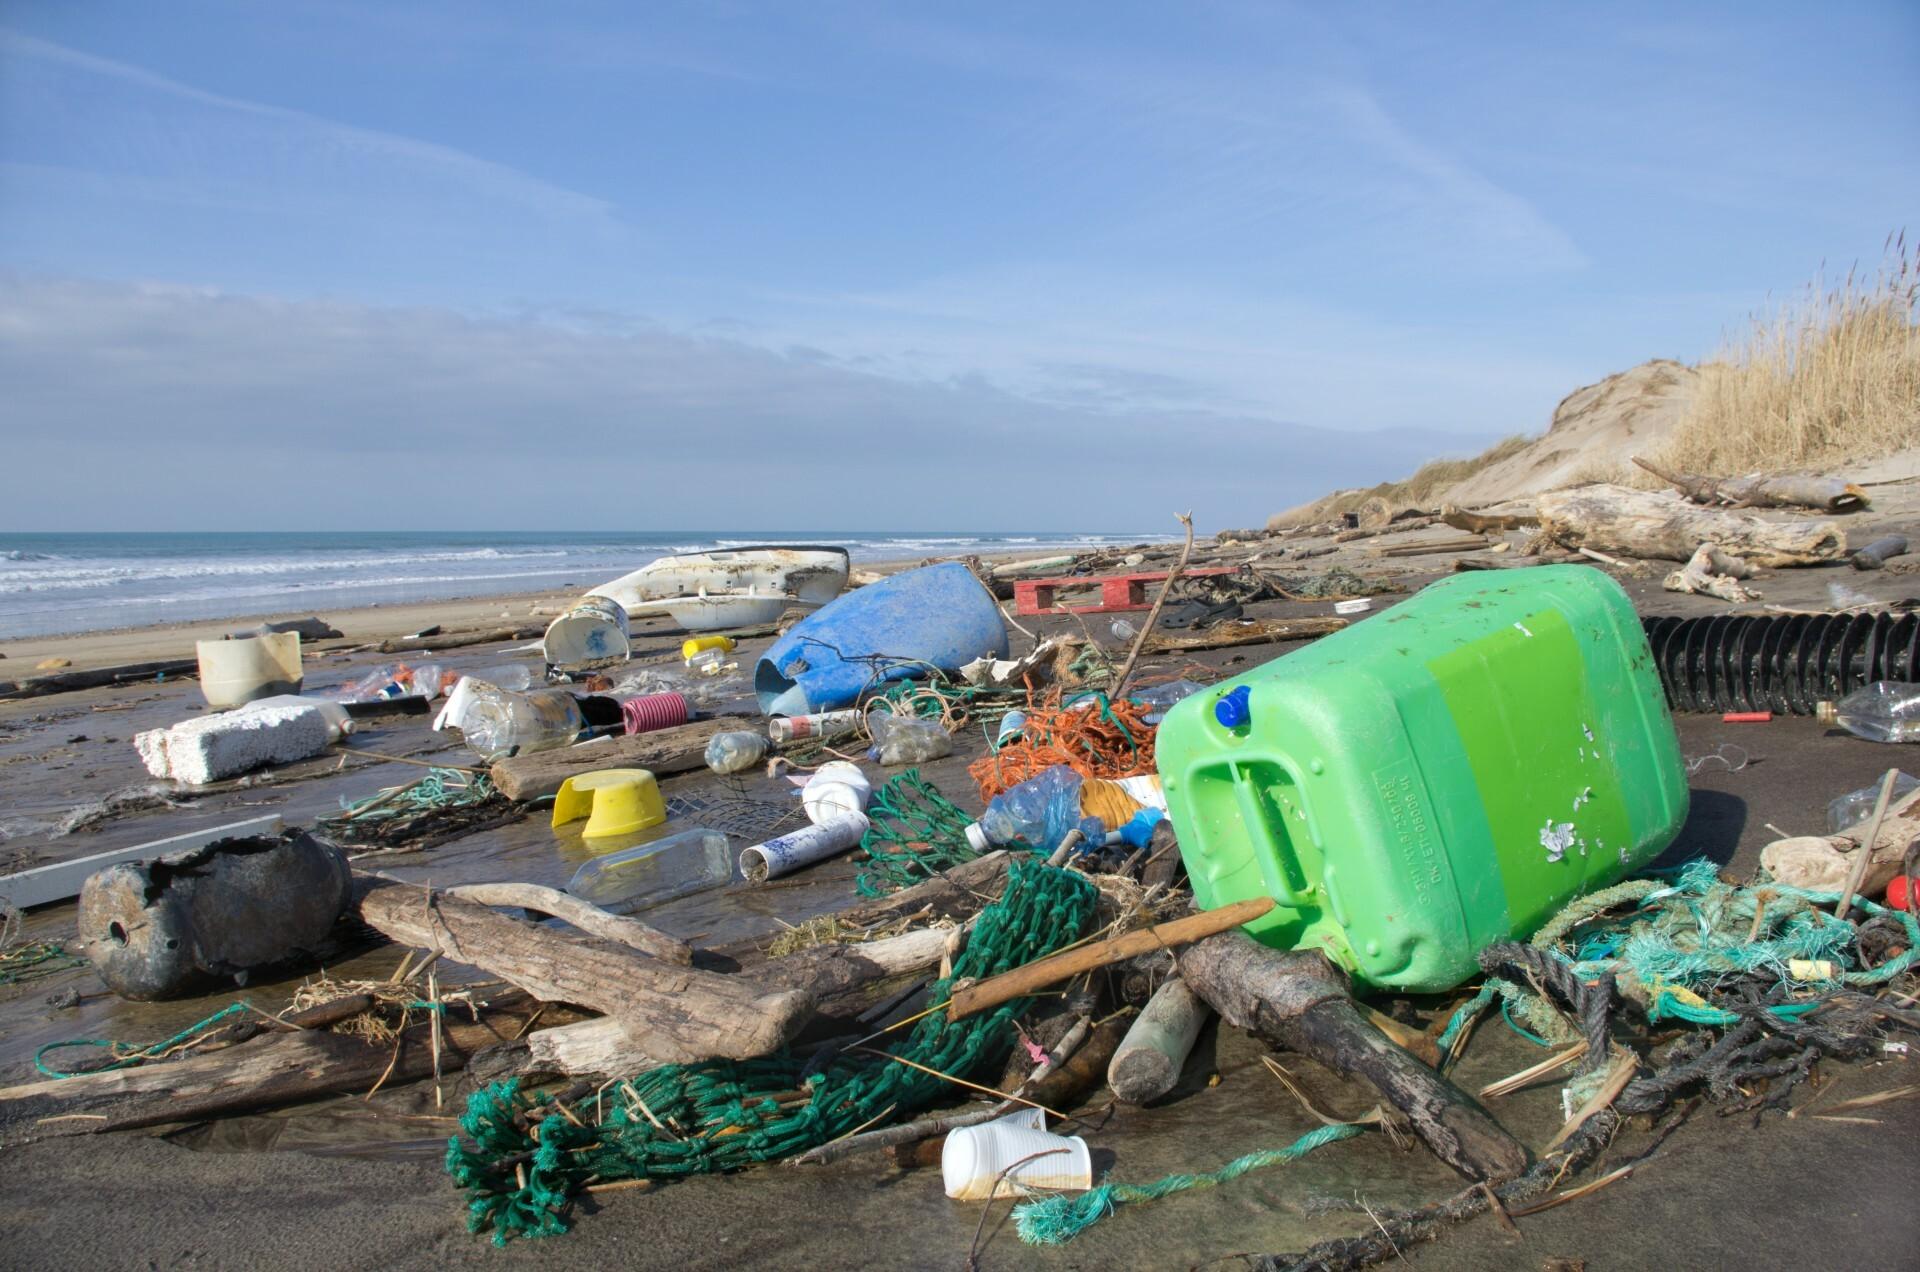 Surfriders Rise Above Plastics image 1 1